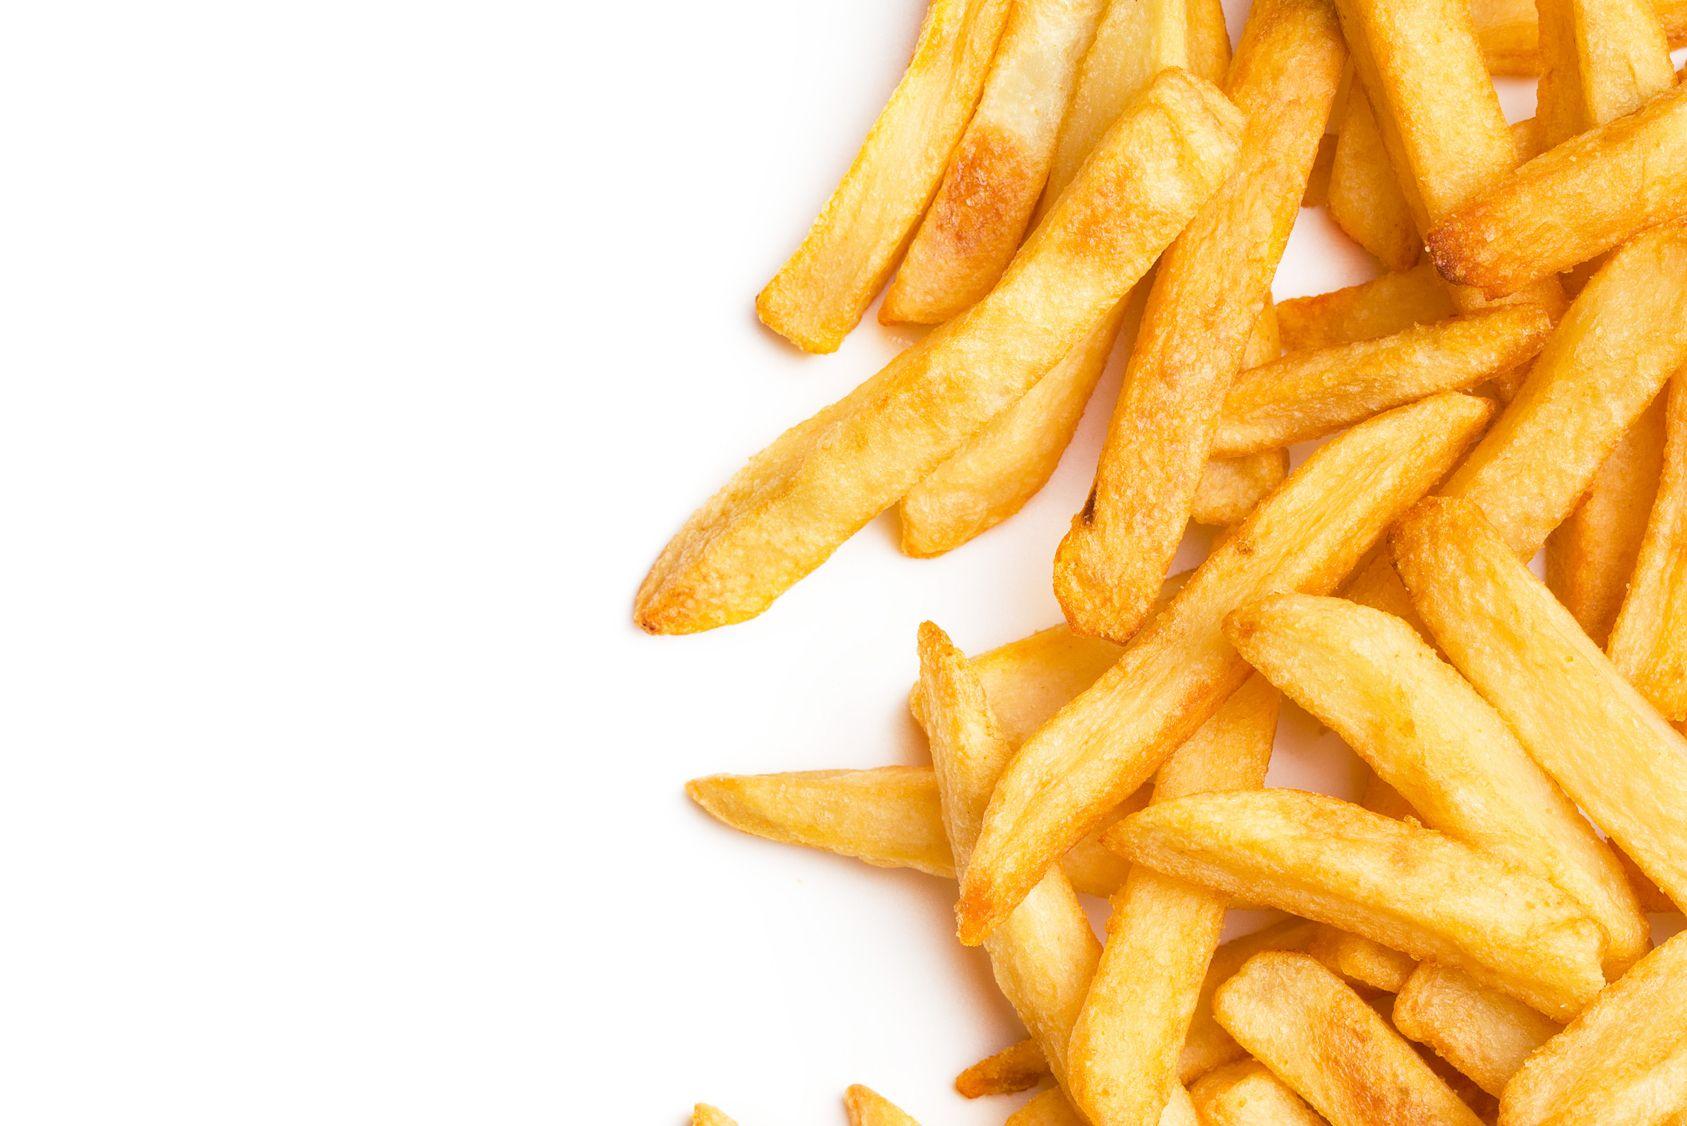 Des frites sans gras, mais peu croustillantes